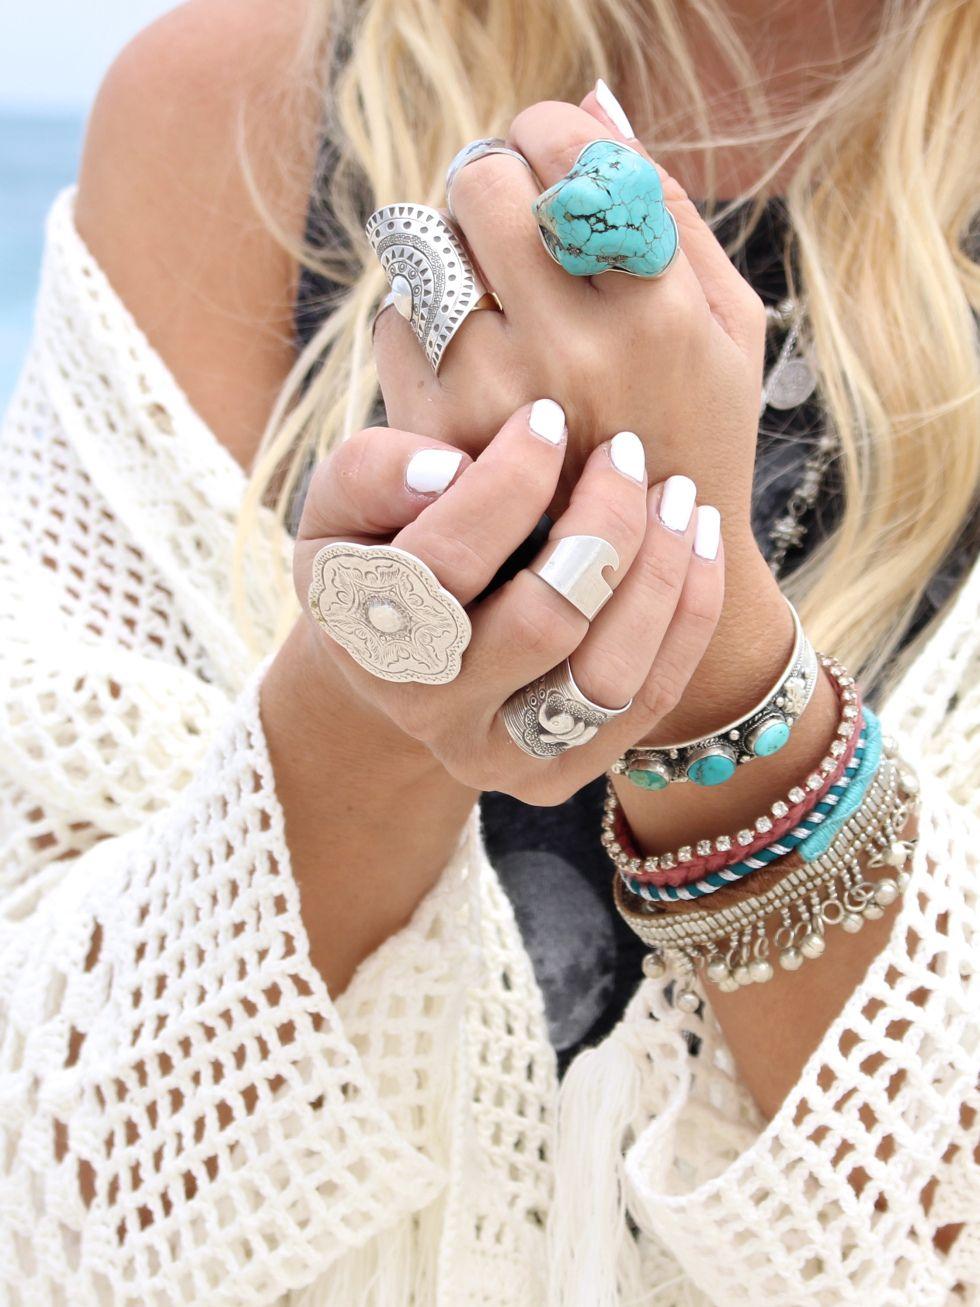 Boho feathers gypsy spirit Бижу pinterest boho jewel and ring